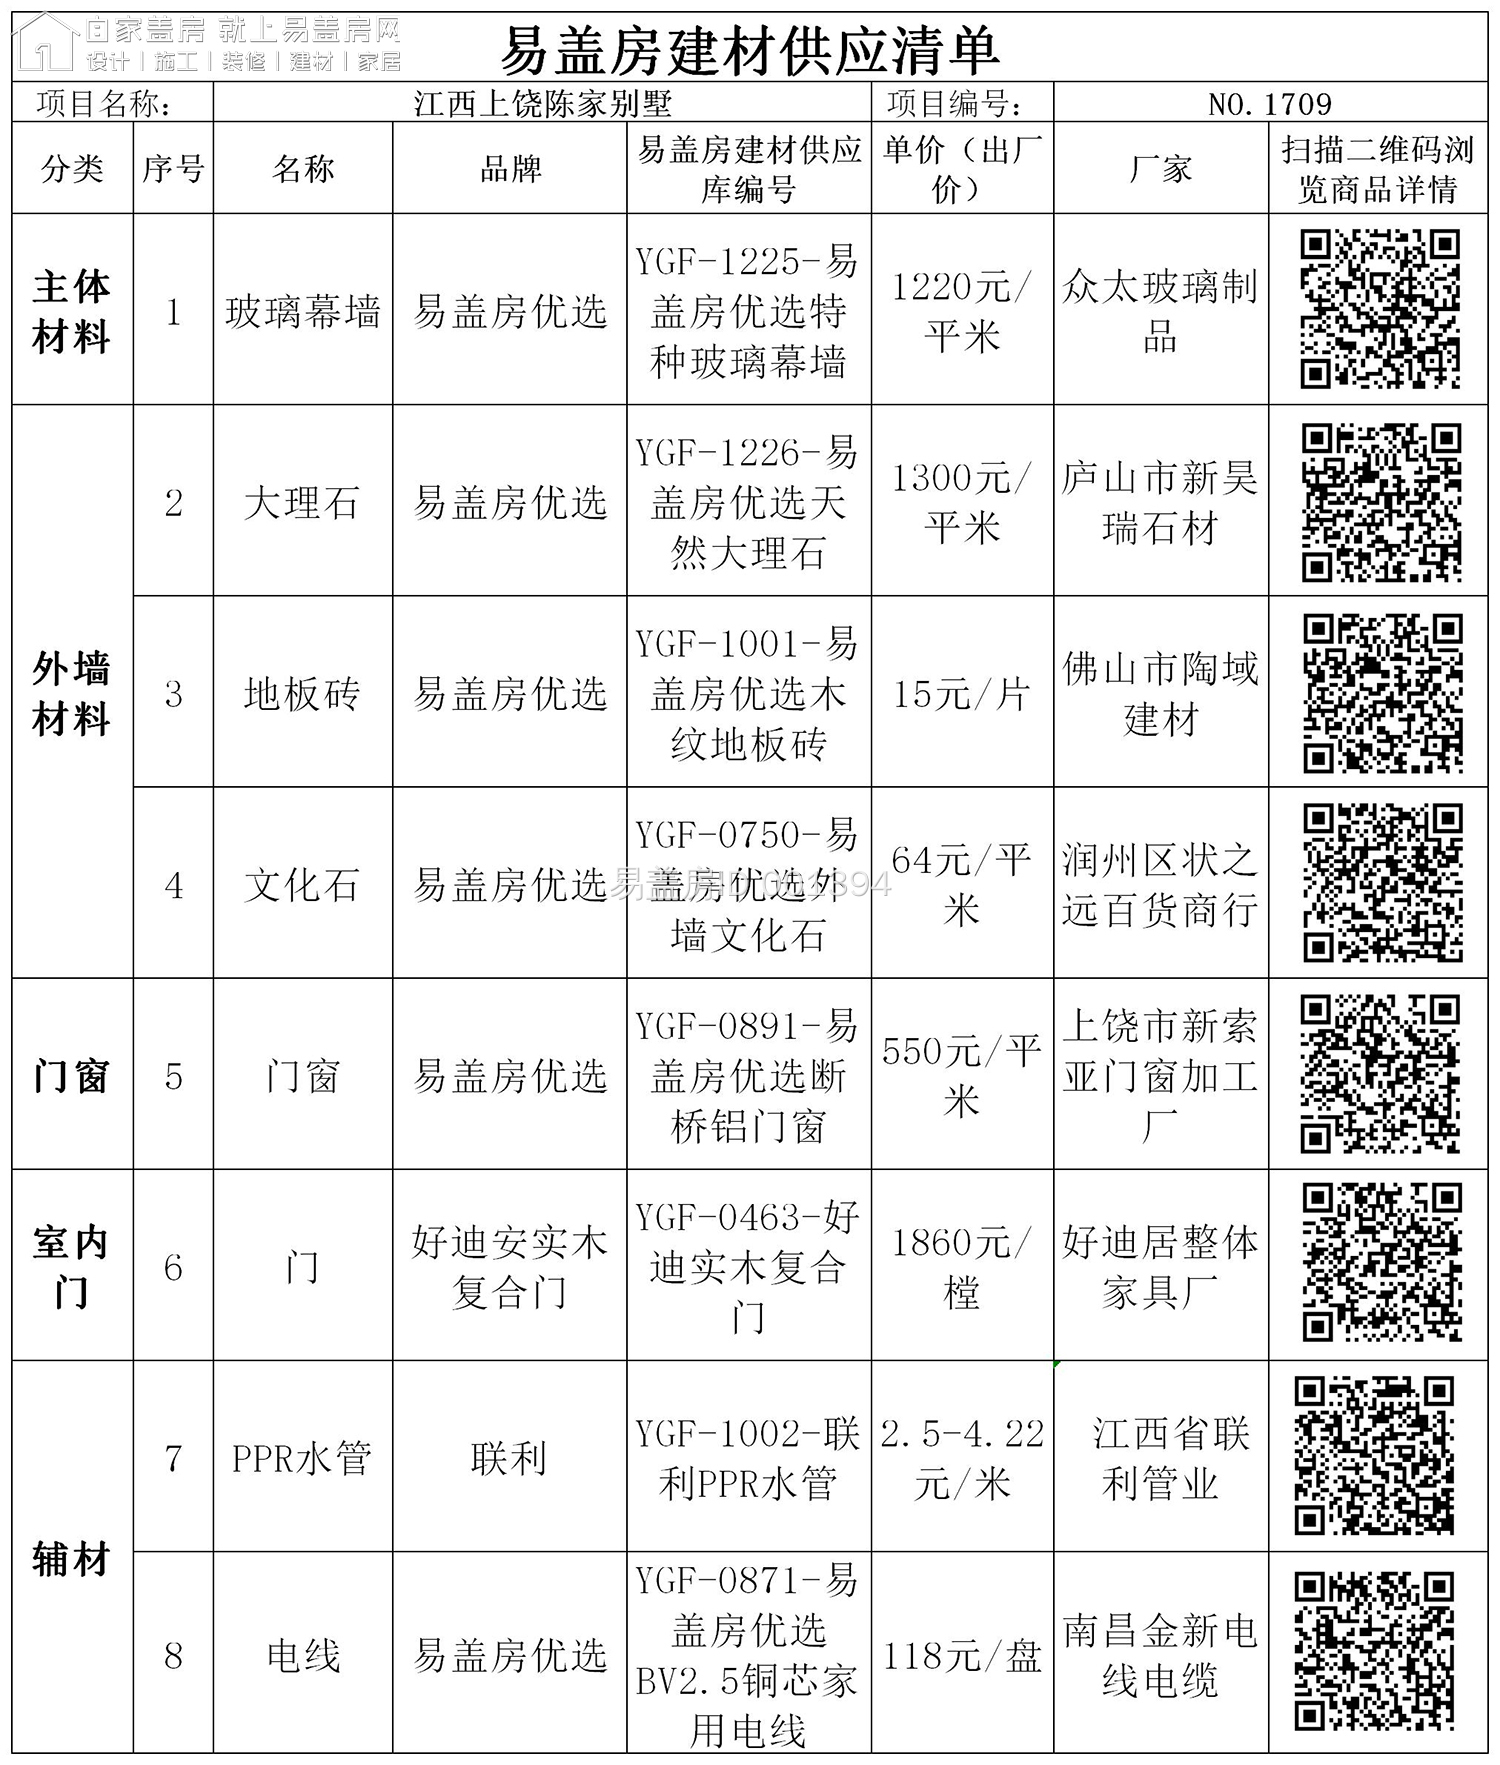 6易蓋房建材供應清單江西上饒陳建平別墅-.jpg